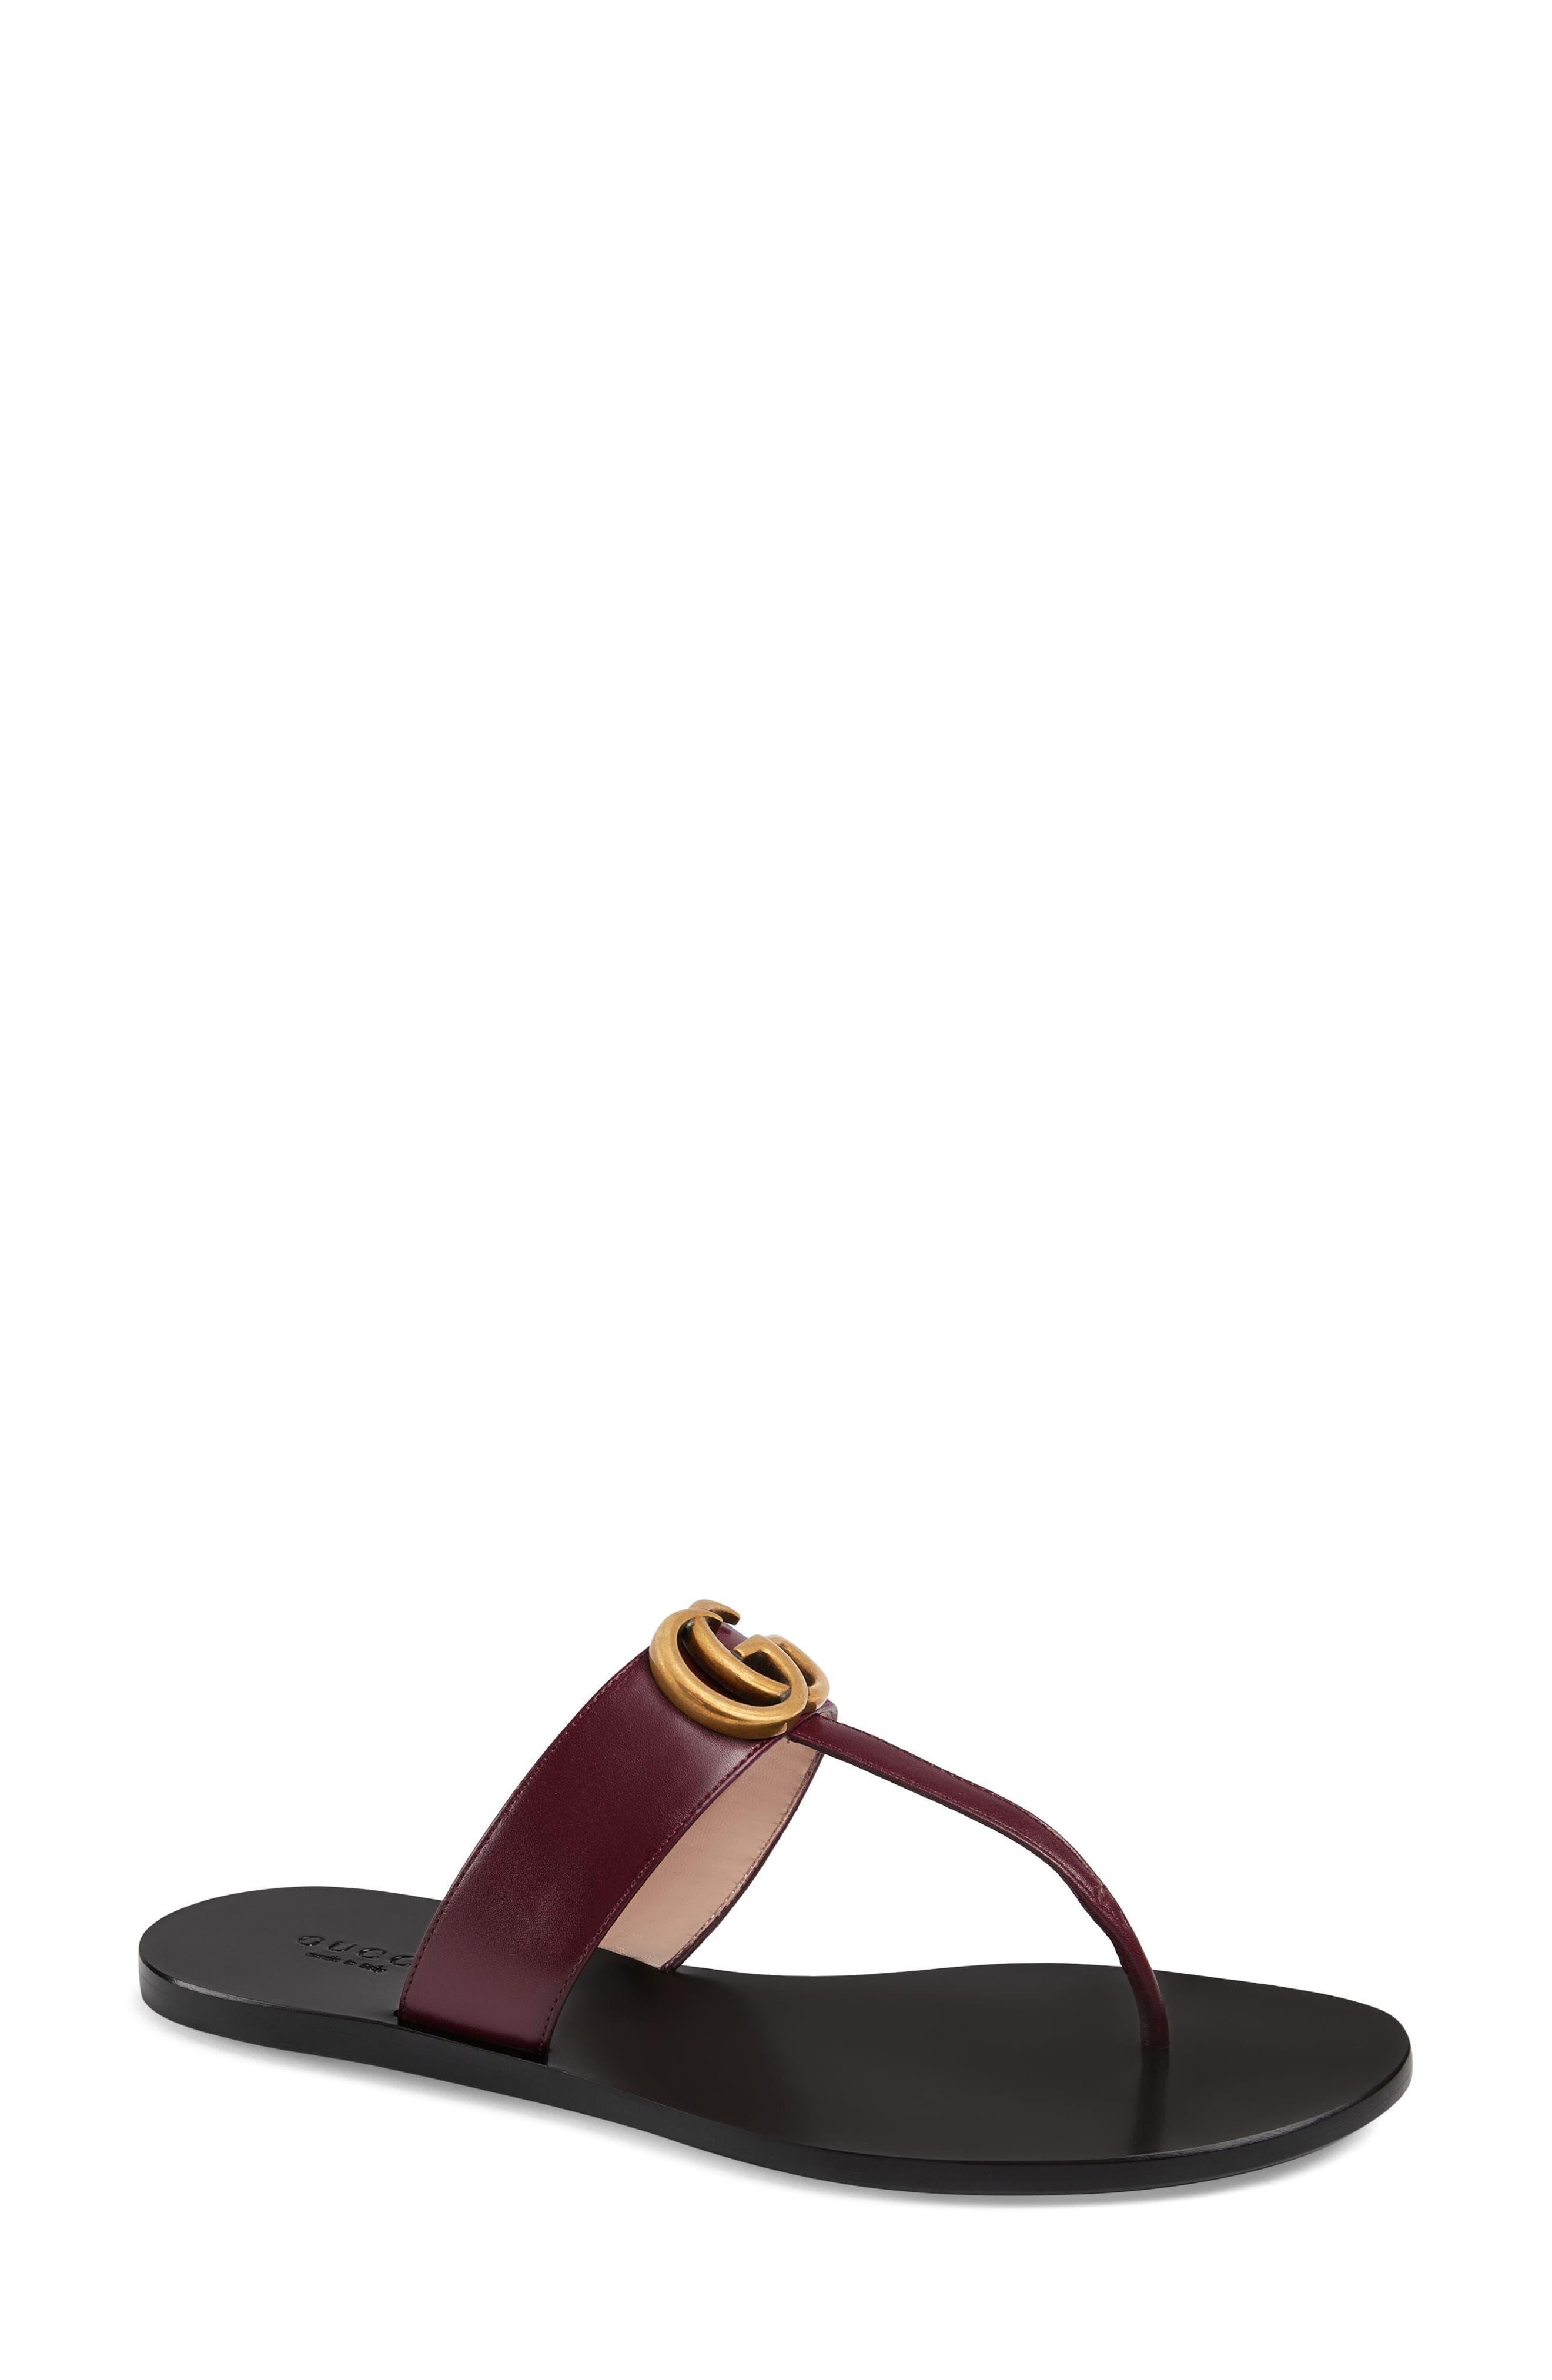 Marmont T-Strap Sandal, Main, color, VINTAGE BORDEAUX